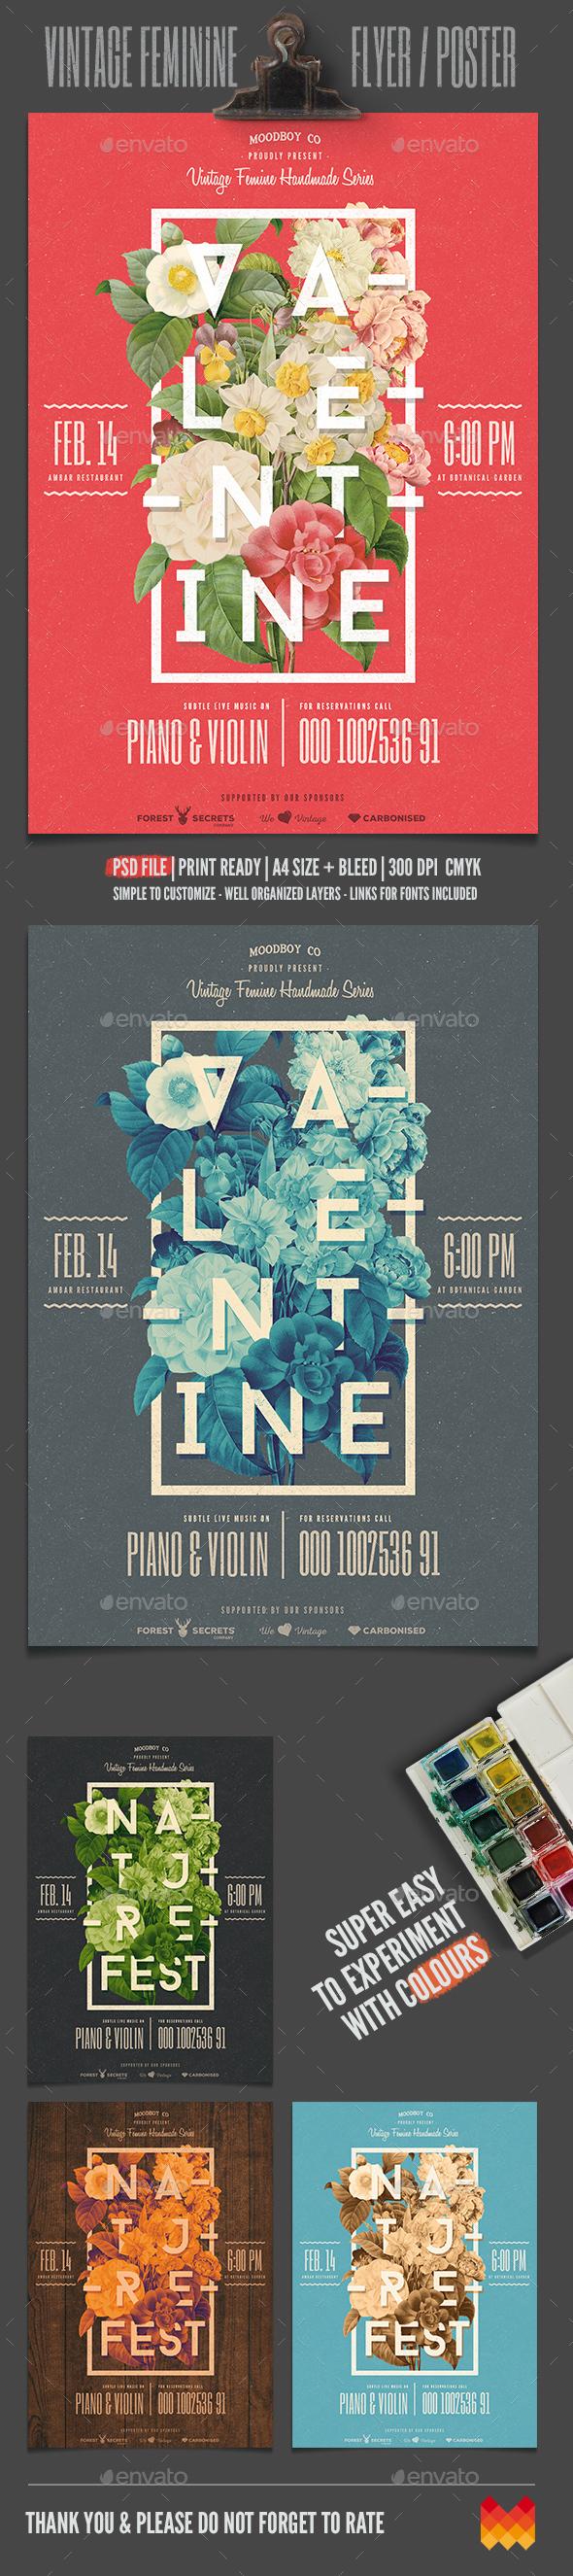 Vintage Feminine Flyer/Poster - Events Flyers